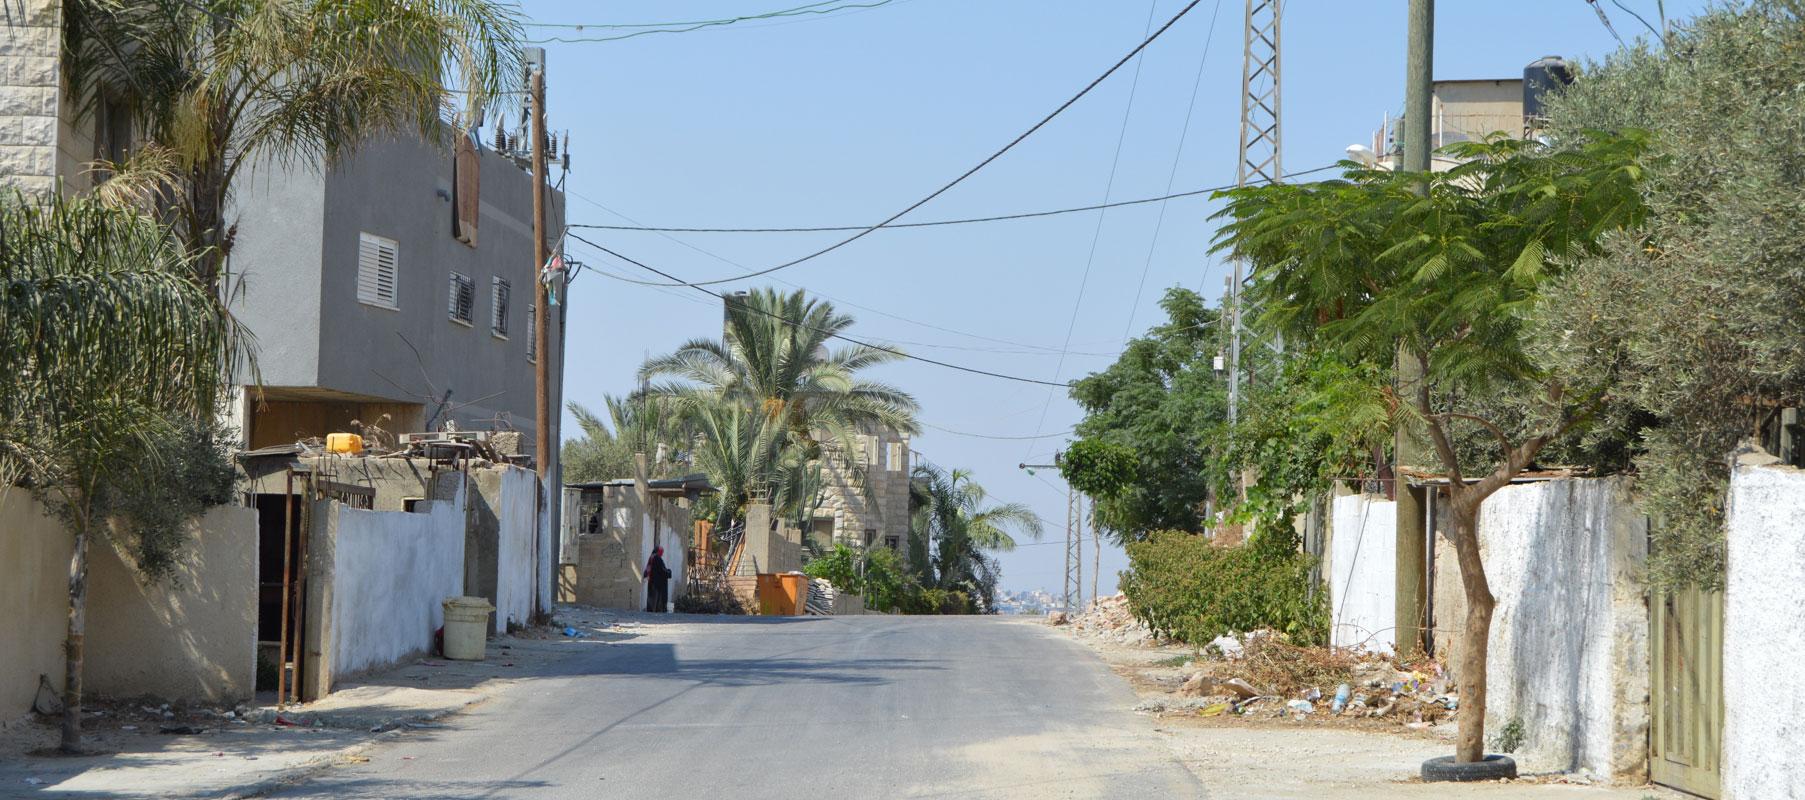 Rafat, Palestine